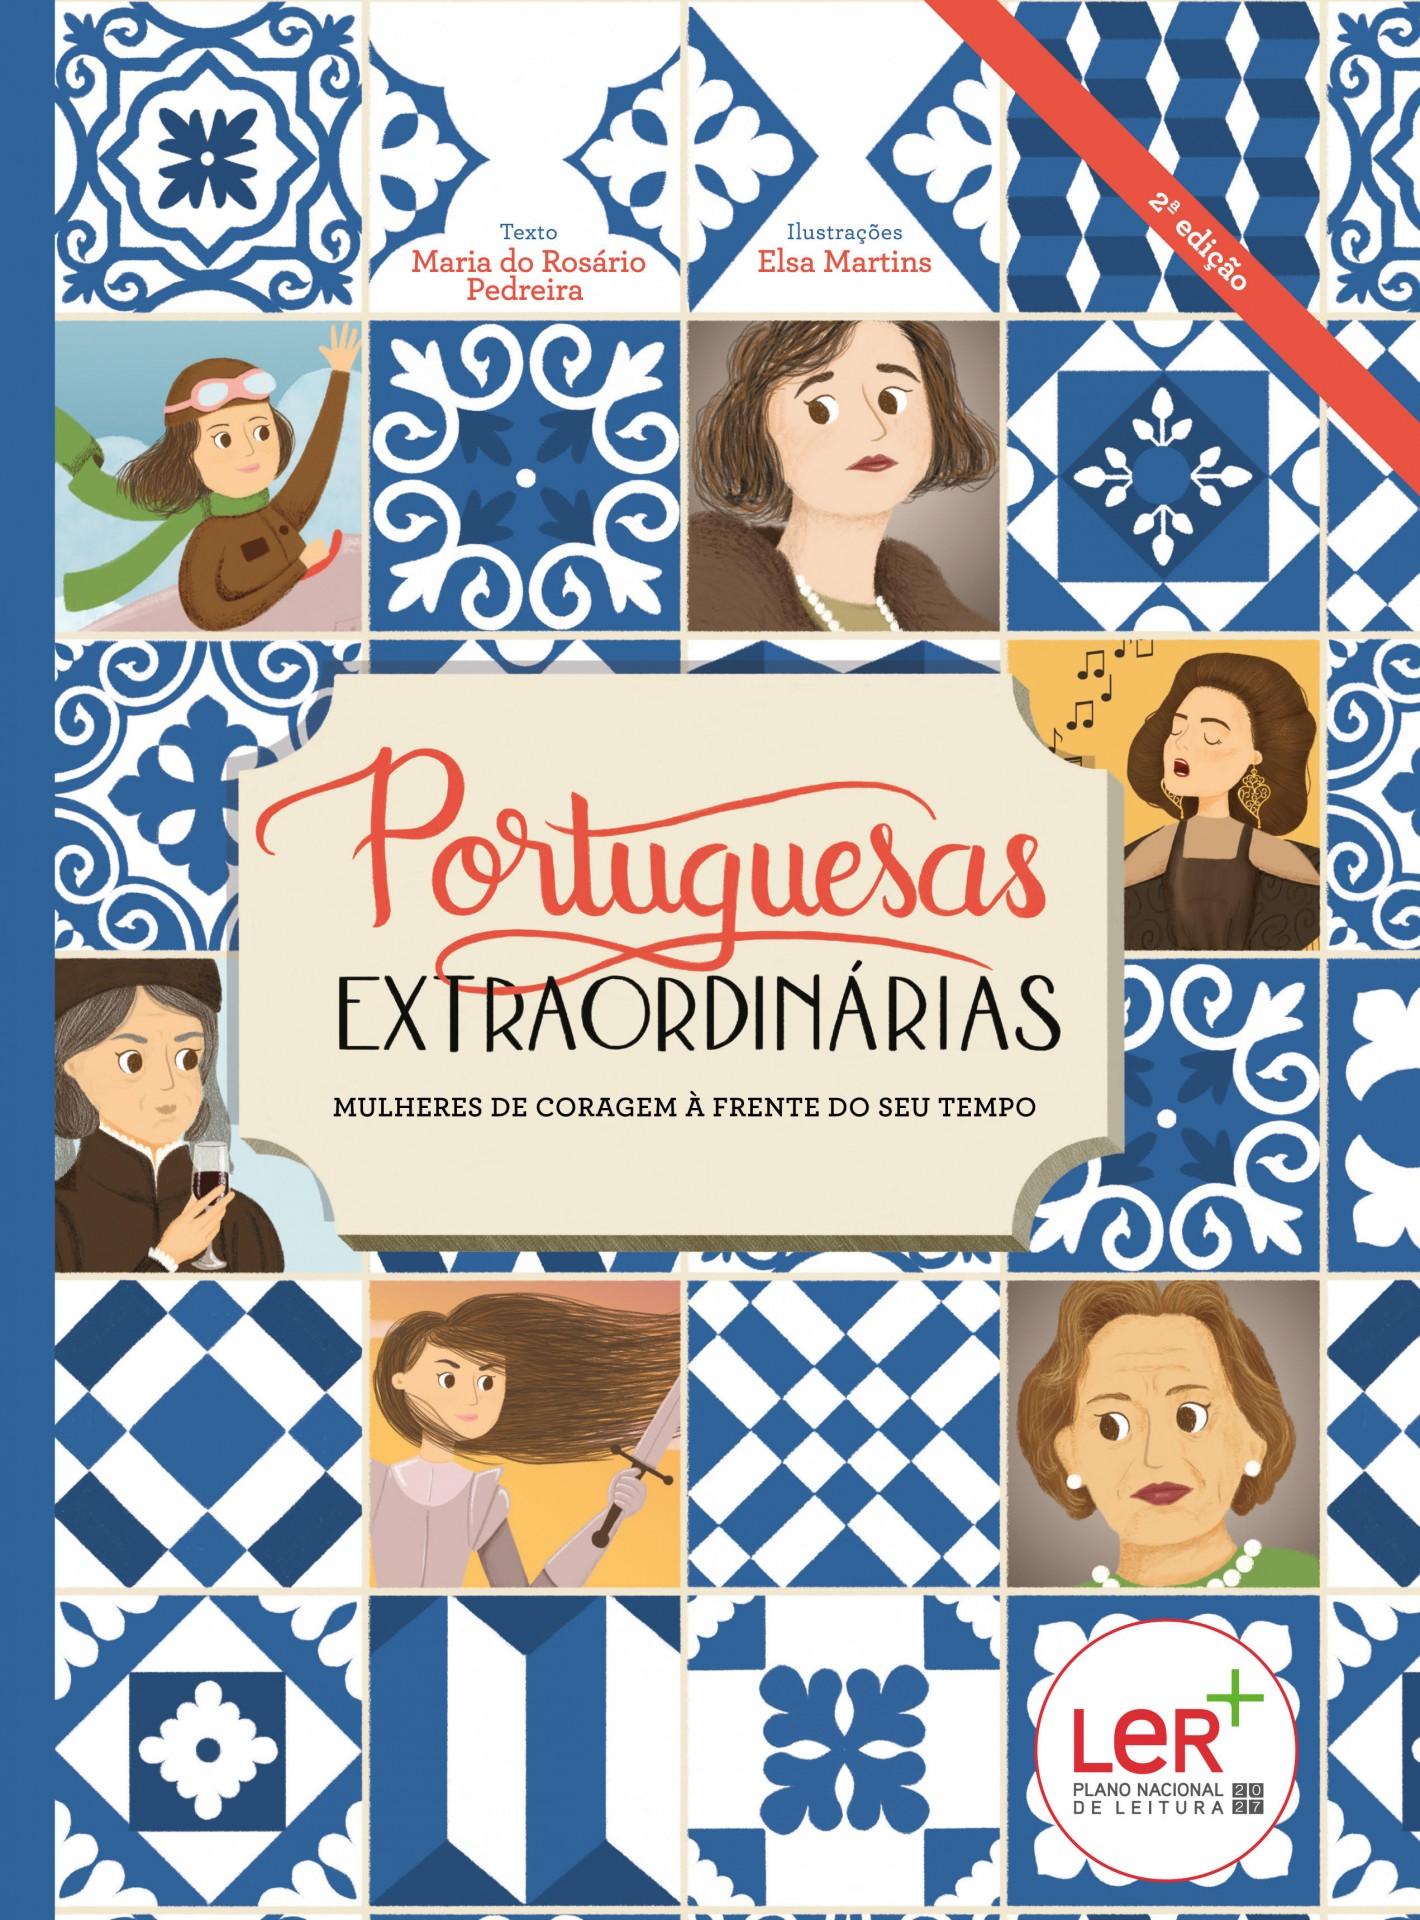 Portuguesas Extraordinárias Mulheres de coragem à frente do seu tempo